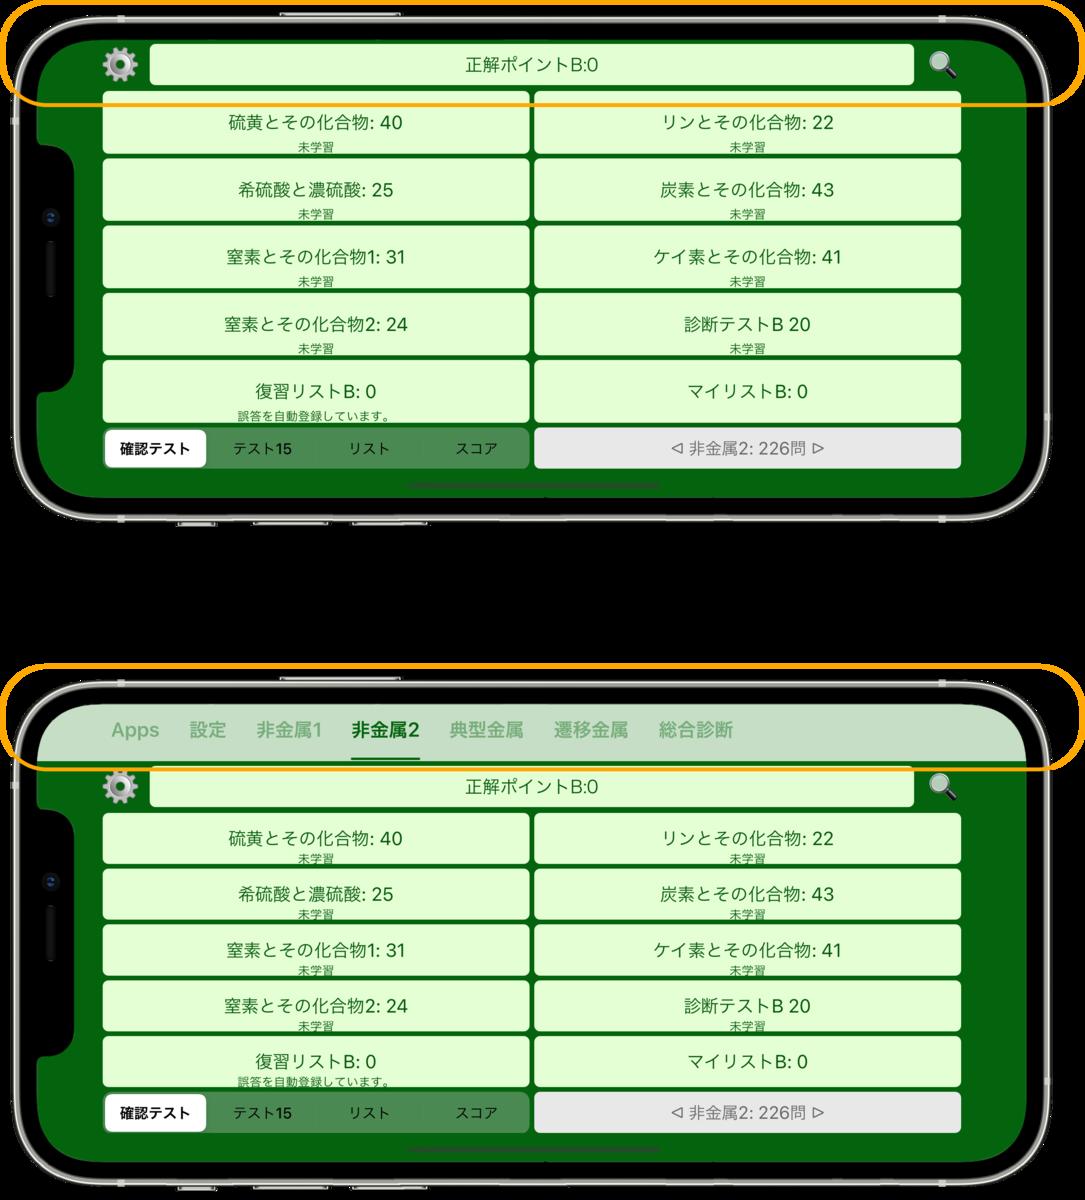 f:id:kojimachi:20210507115040p:plain